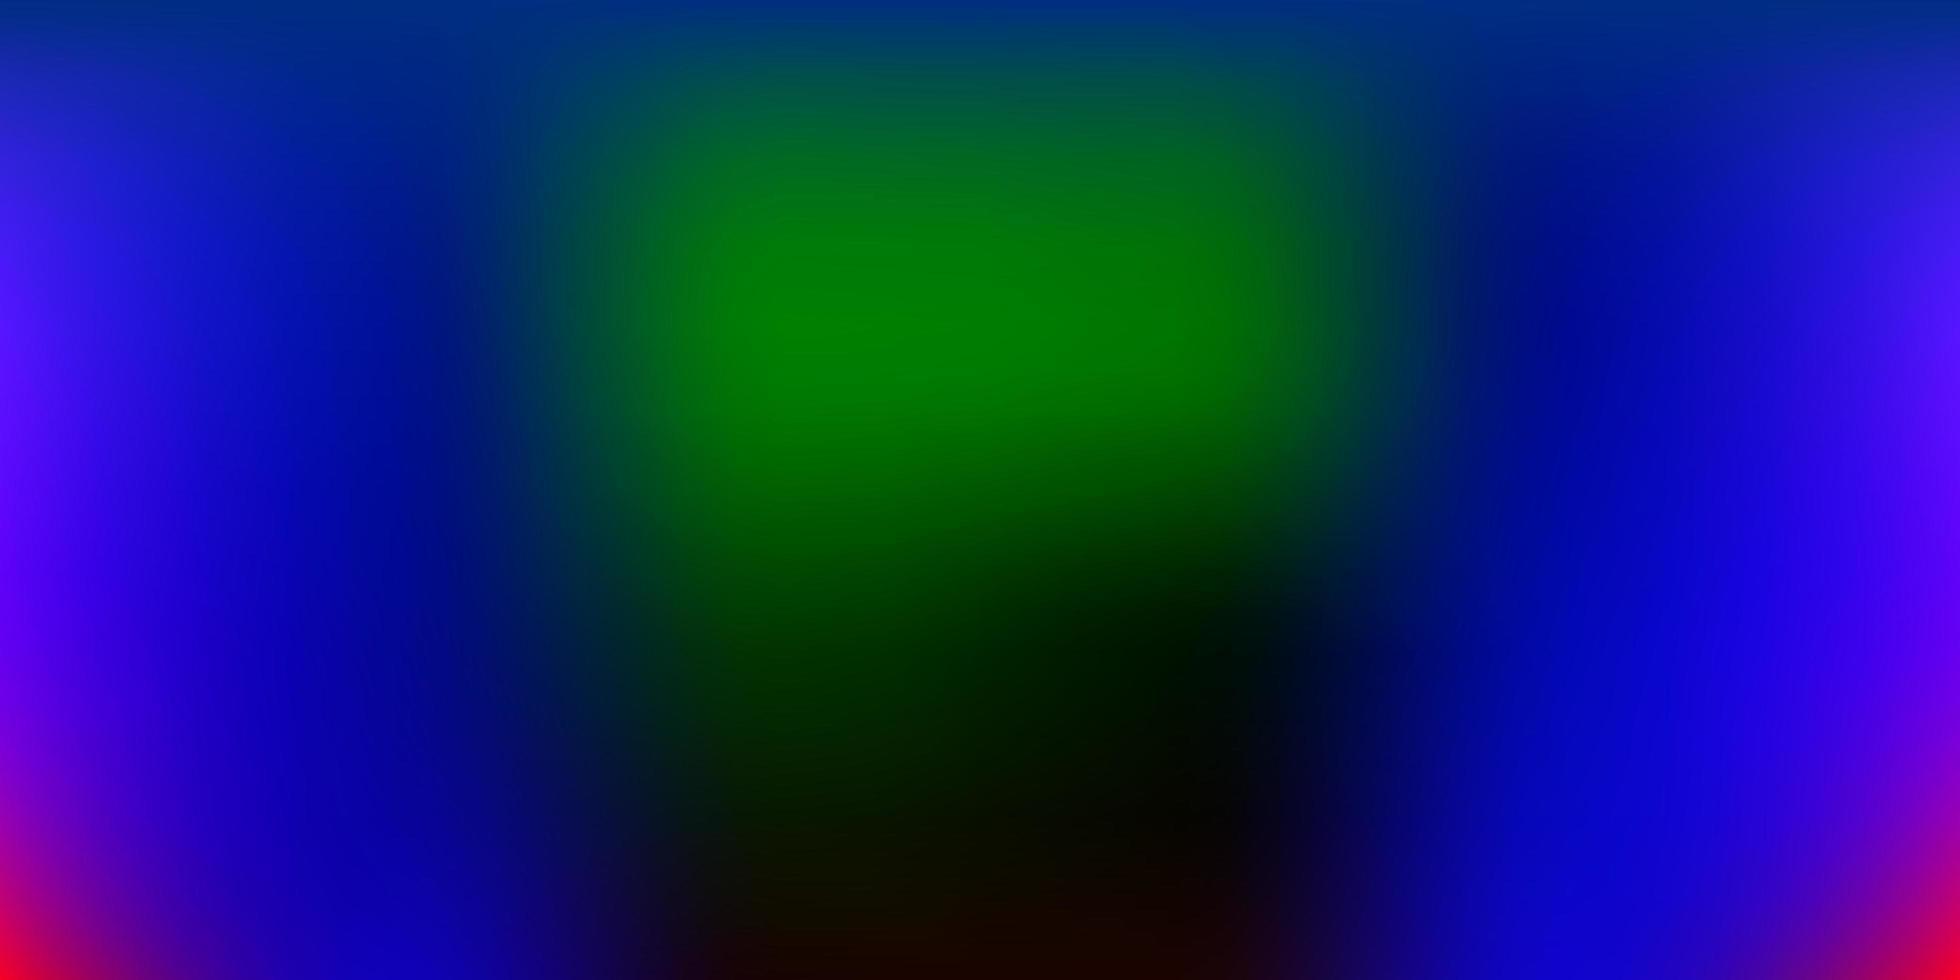 fondo borroso vector multicolor oscuro.